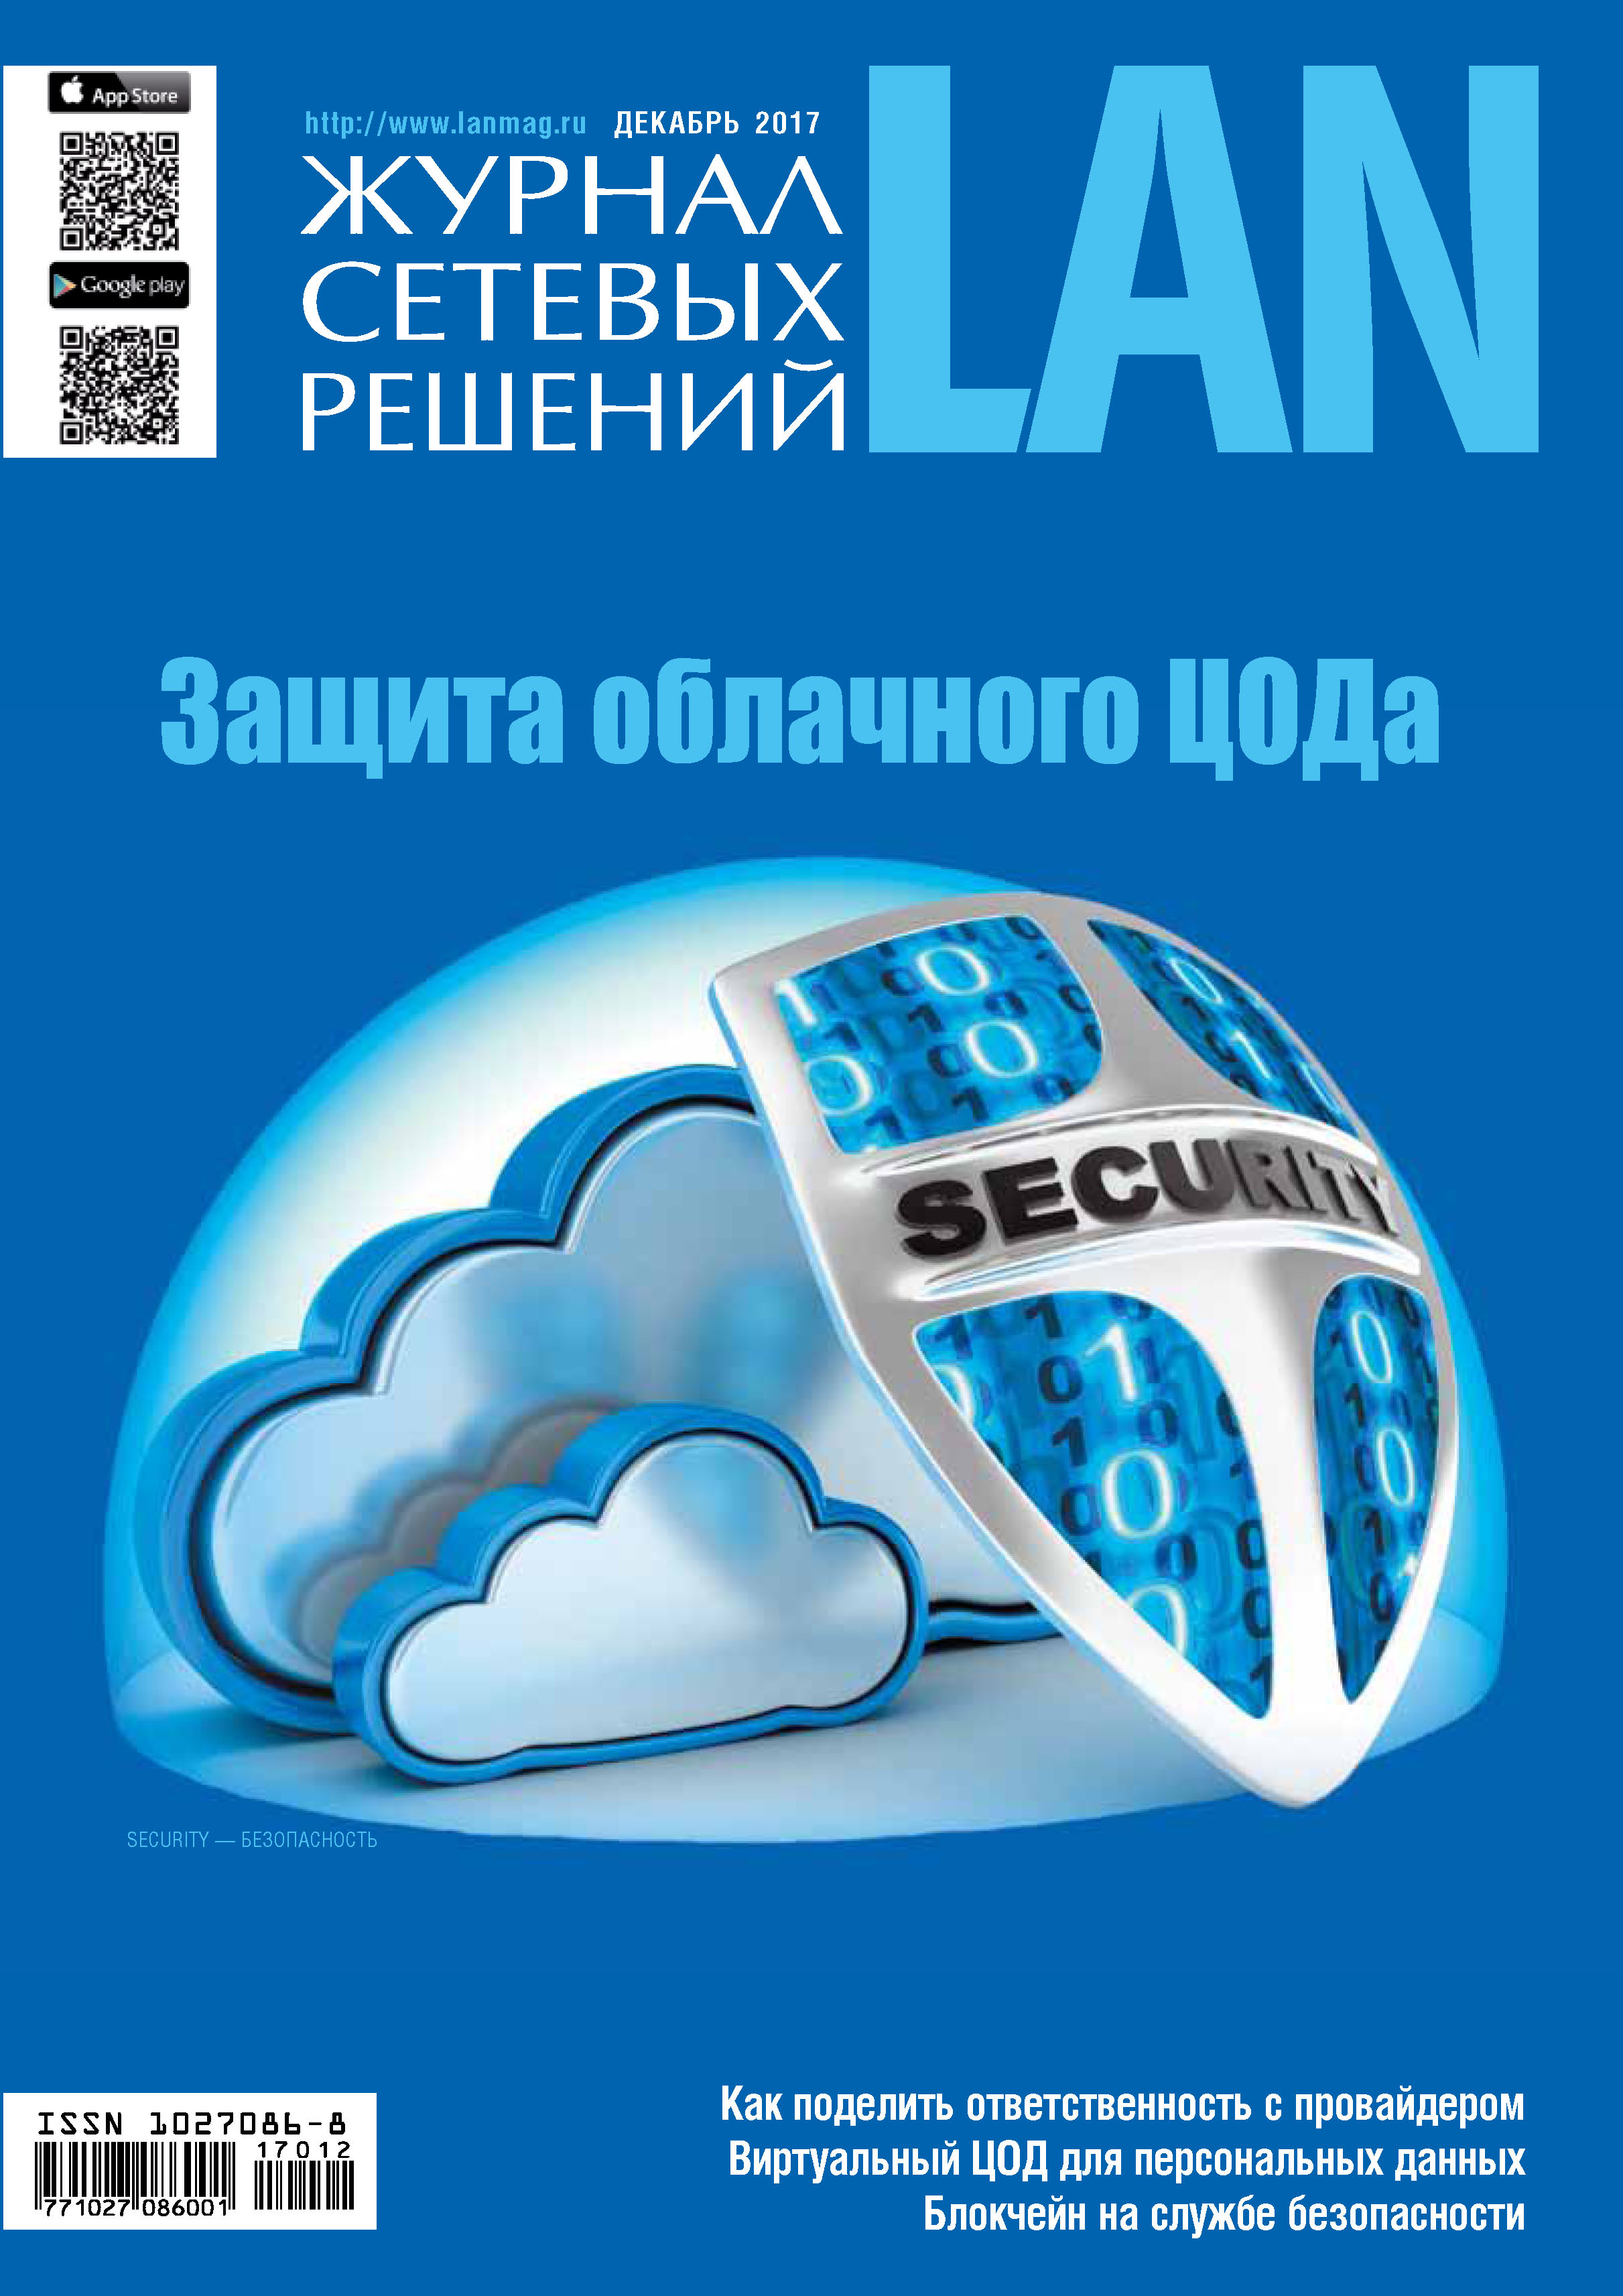 Открытые системы Журнал сетевых решений / LAN №12/2017 цены